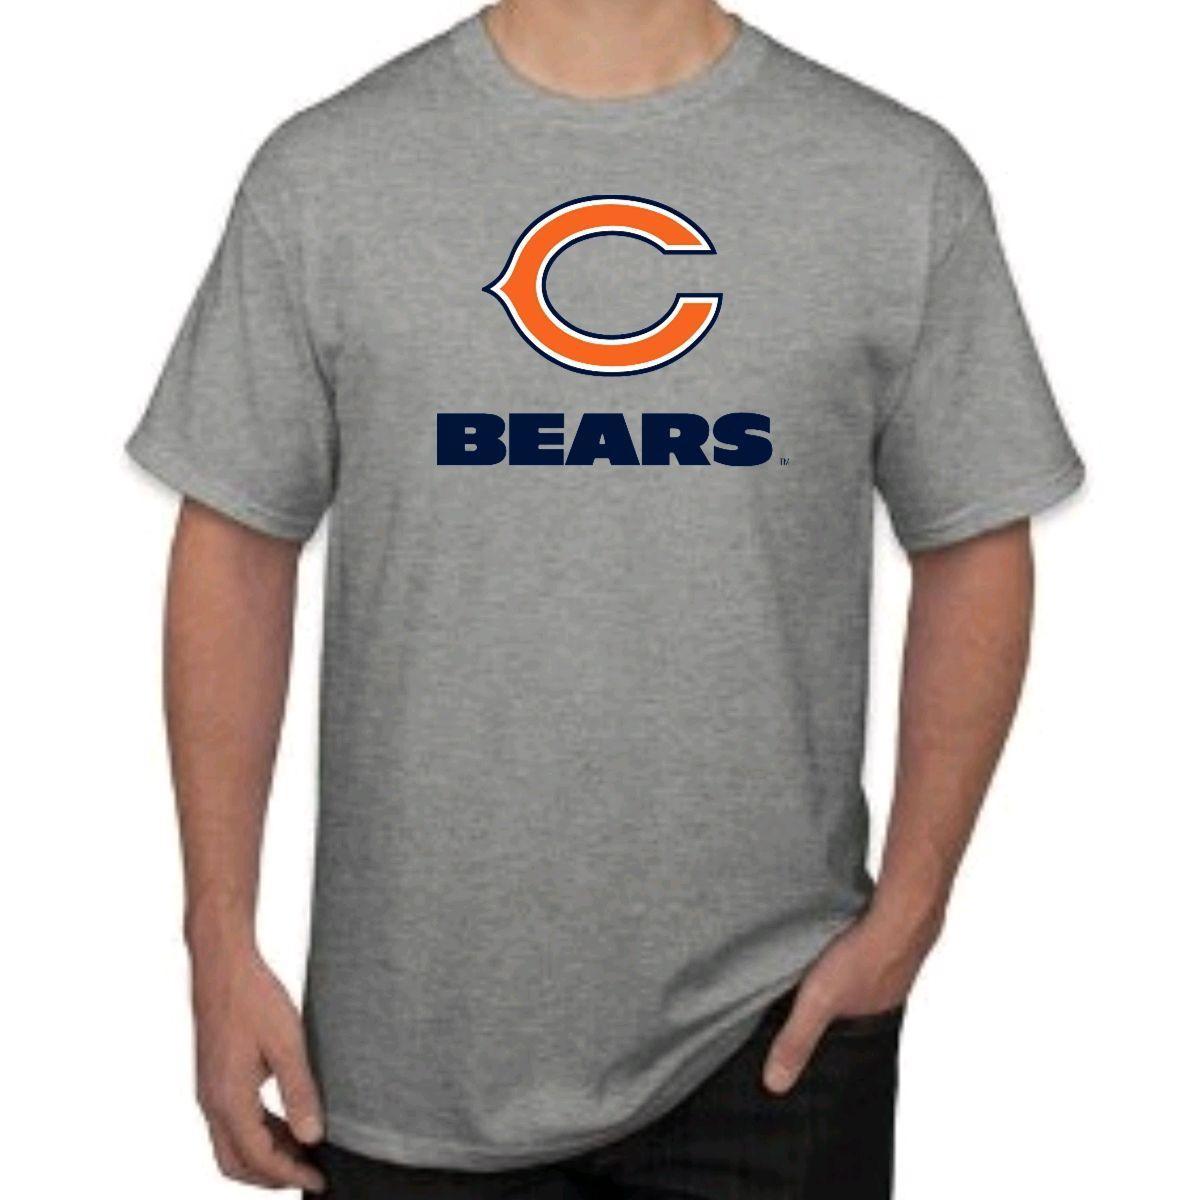 450142e9bc847 Camisas de times de futebol americano 4 no Elo7